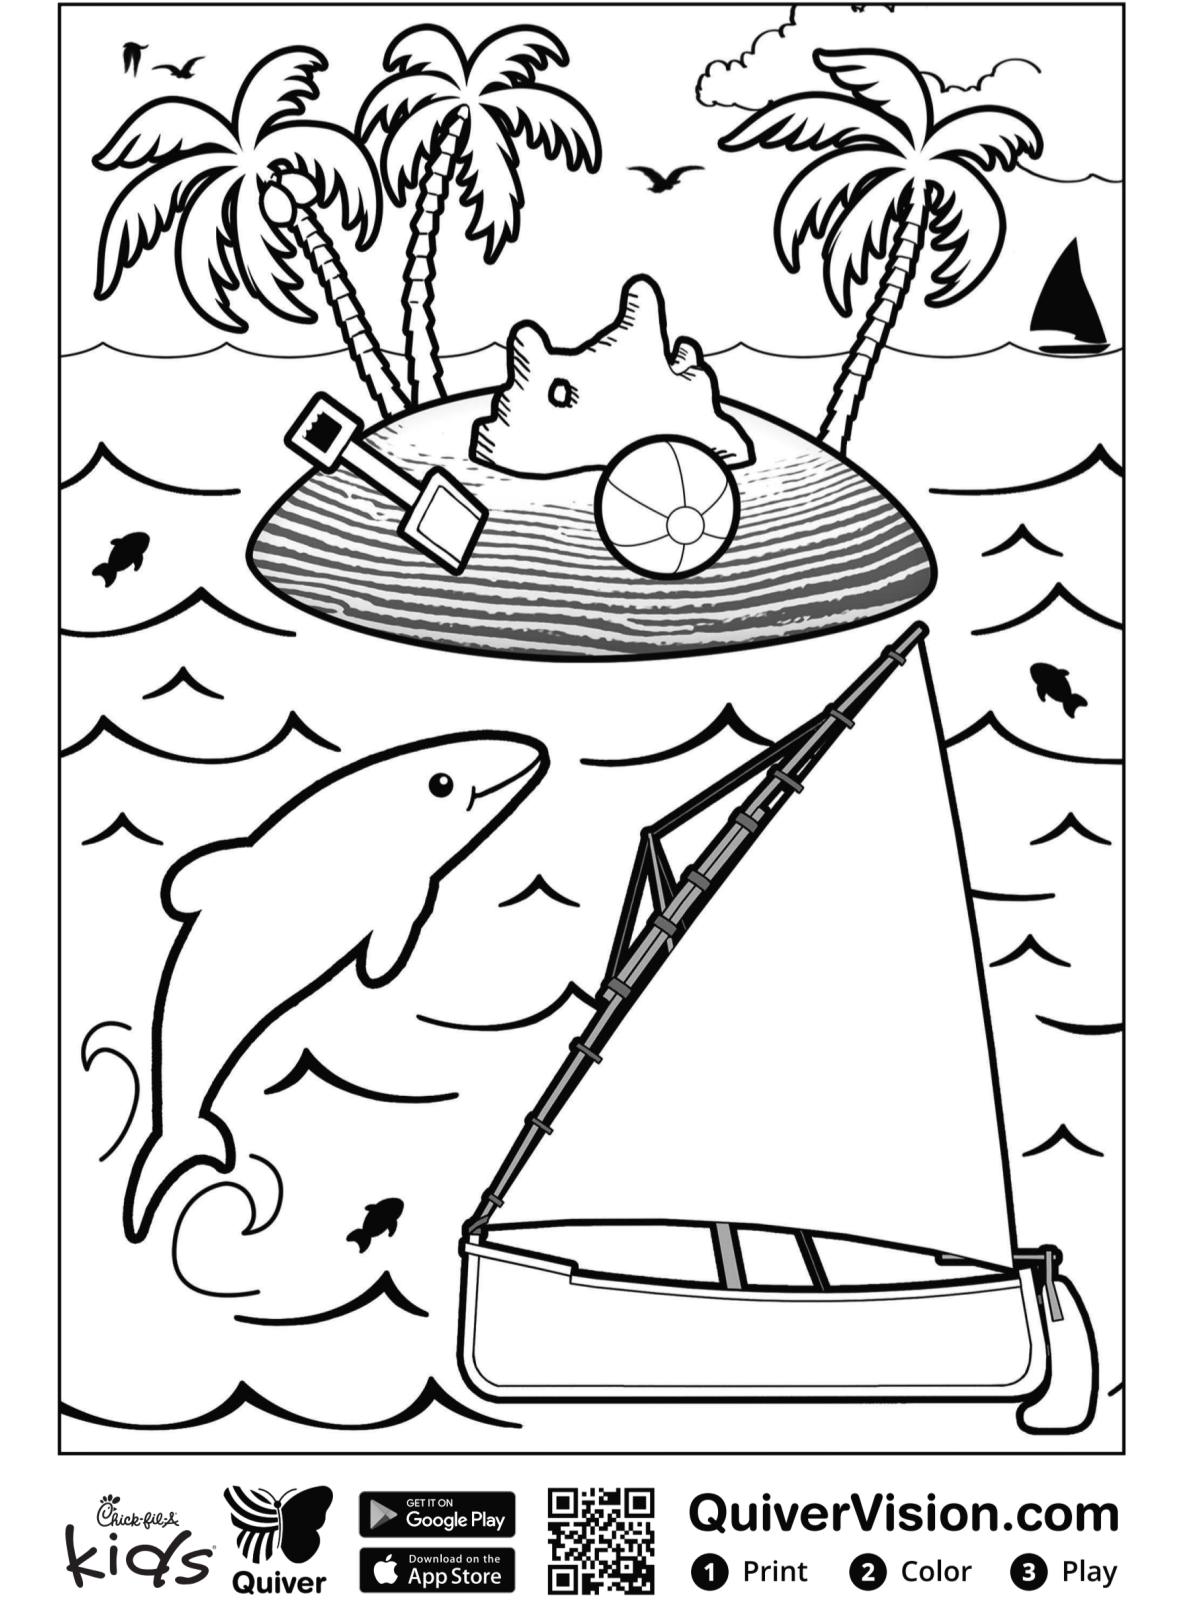 kidsnfunde  malvorlage quiver segelboot